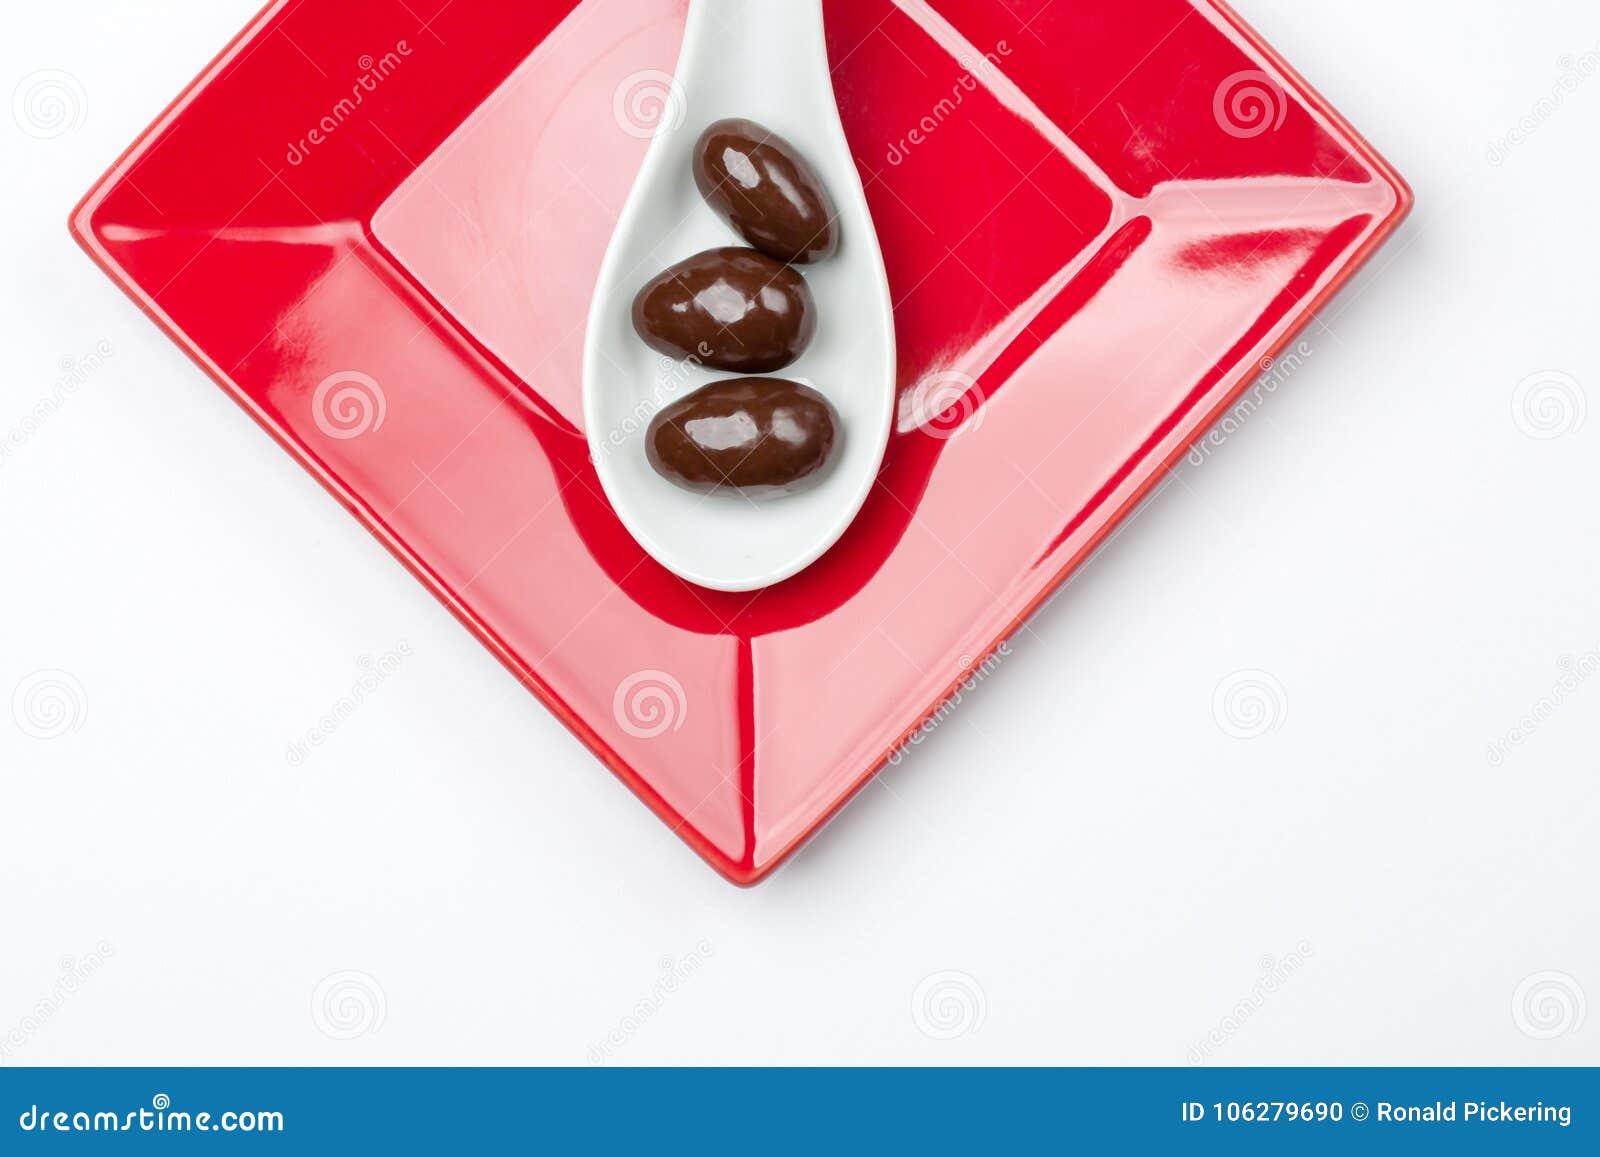 Καλυμμένα σοκολάτα αμύγδαλα στο άσπρο κουτάλι στο κόκκινο πιάτο